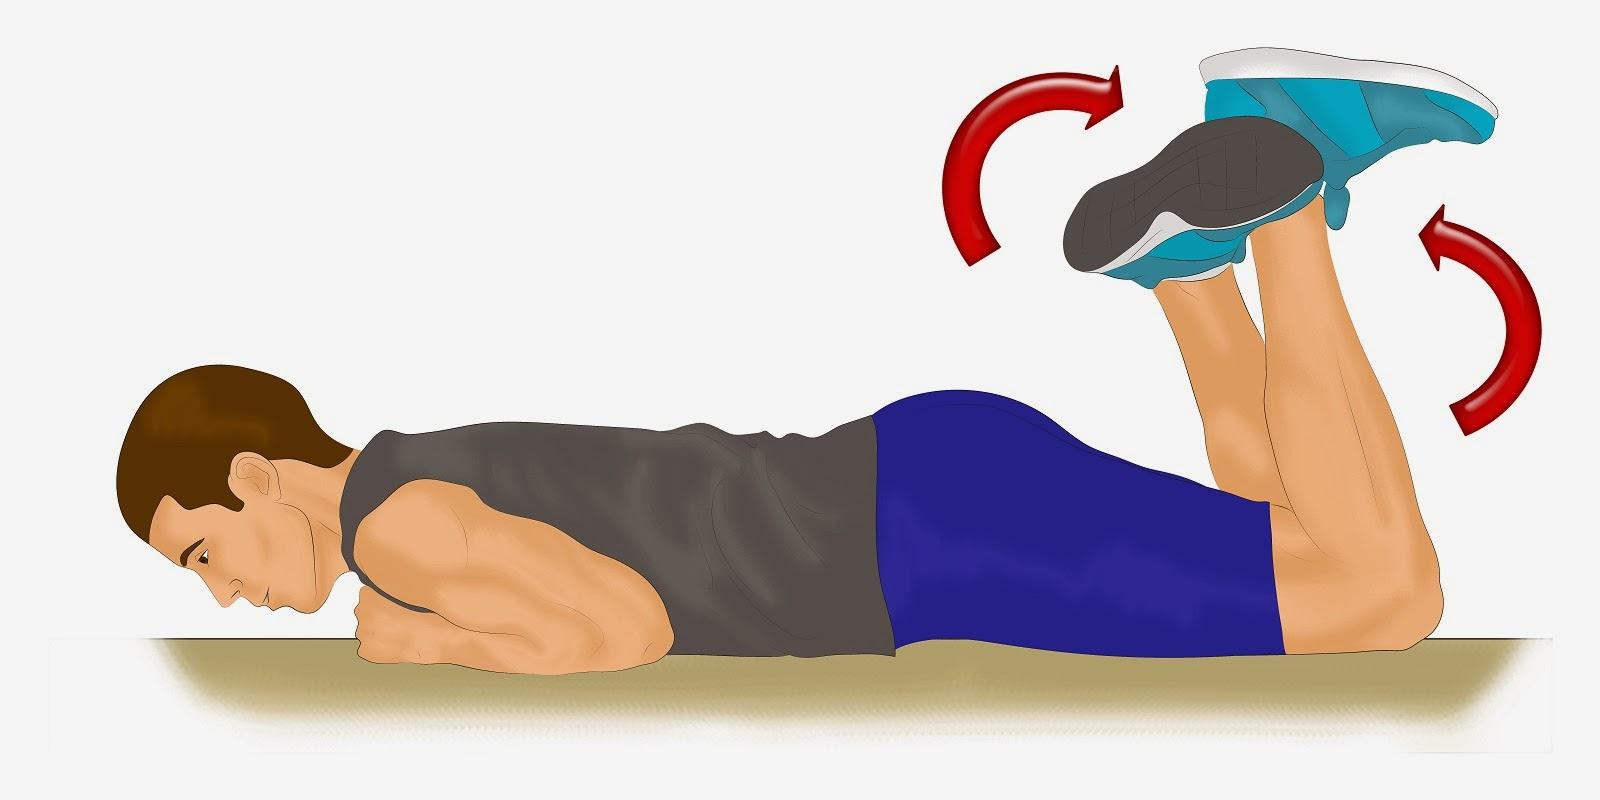 la contraction musculaire excentrique benefique mais pas sans risque rssp r seau sport. Black Bedroom Furniture Sets. Home Design Ideas